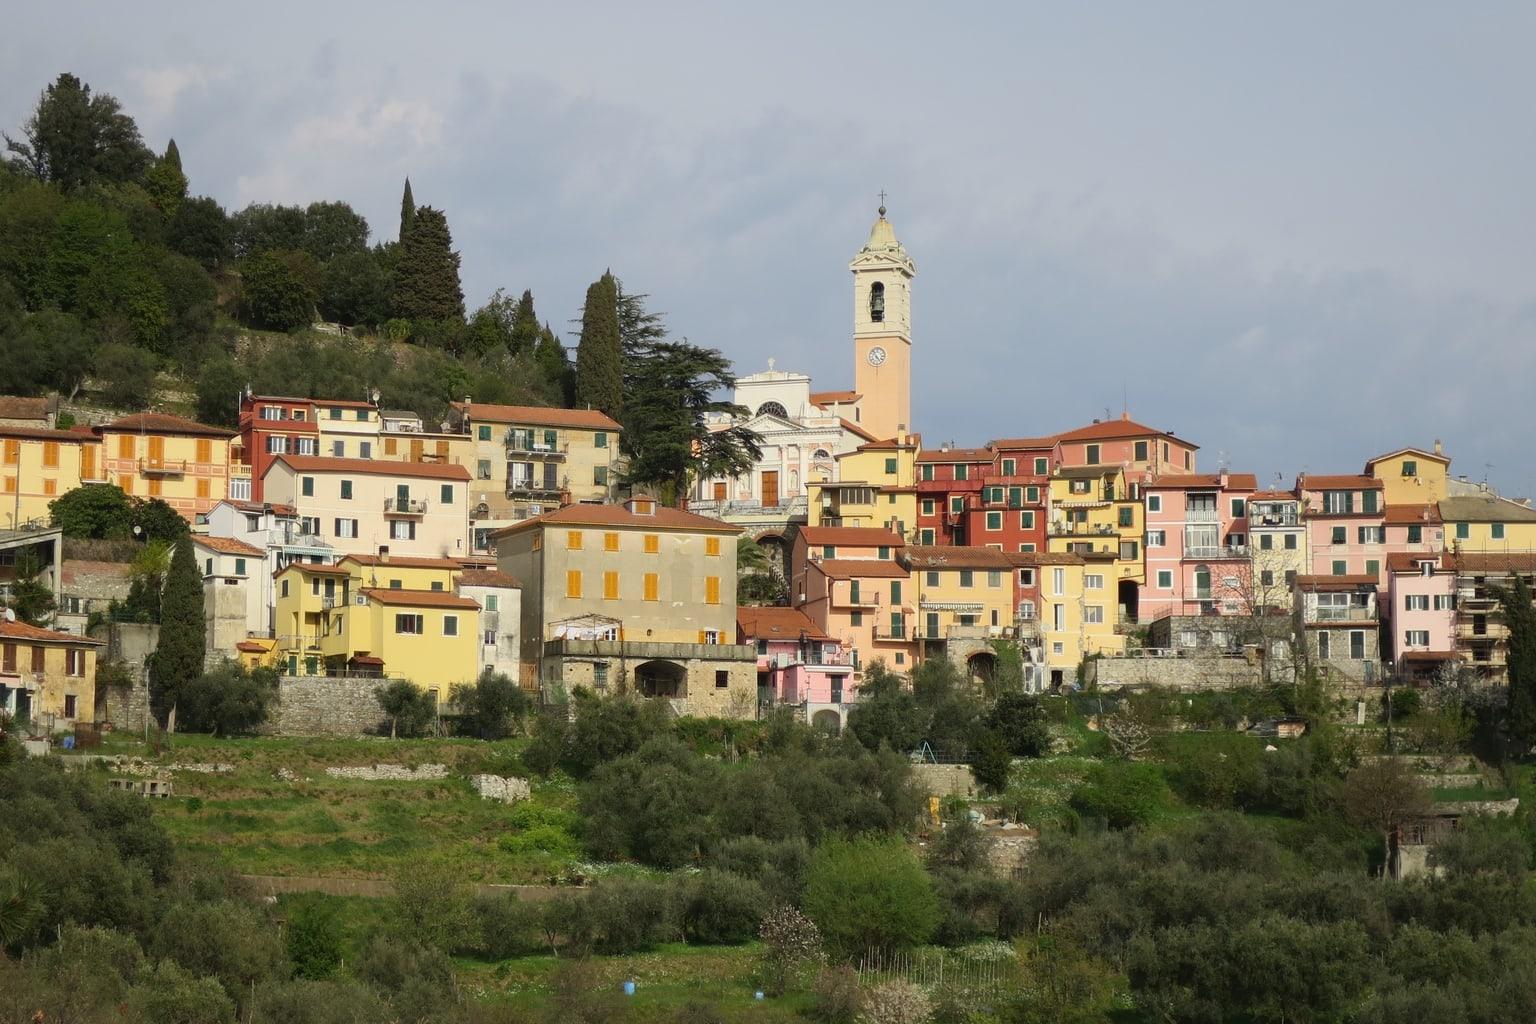 Soggiorno di primavera a Cavi di Lavagna (Liguria) dal 4 al 11 maggio 2020